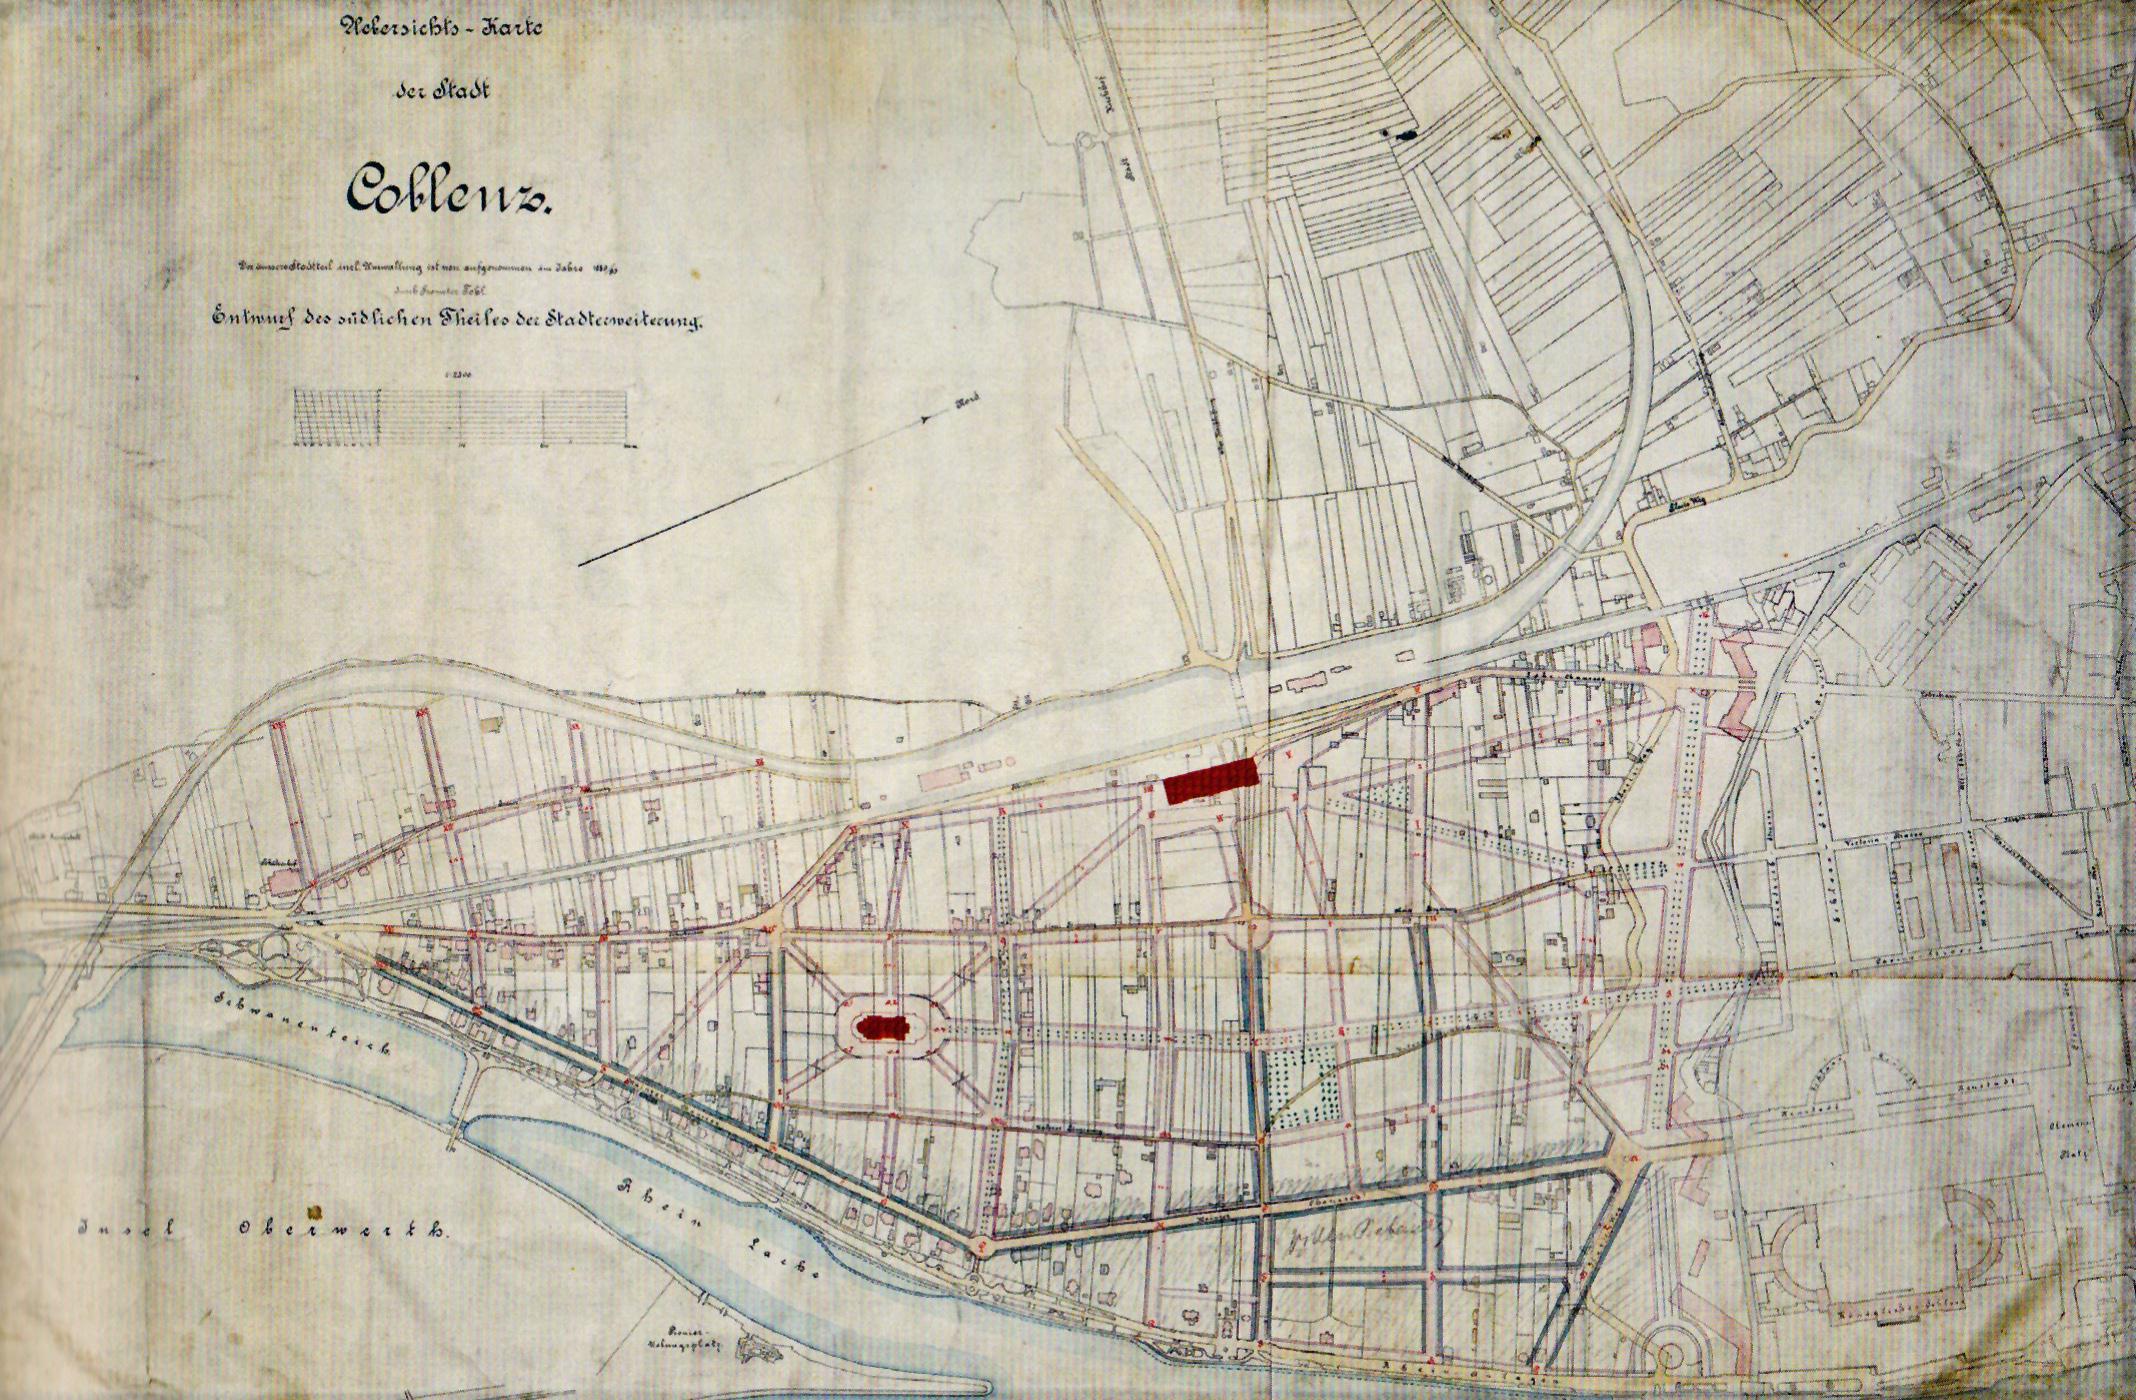 Karte Koblenz.Datei Karte Südliche Stadterweiterung Koblenz 1890 Jpg Wikipedia